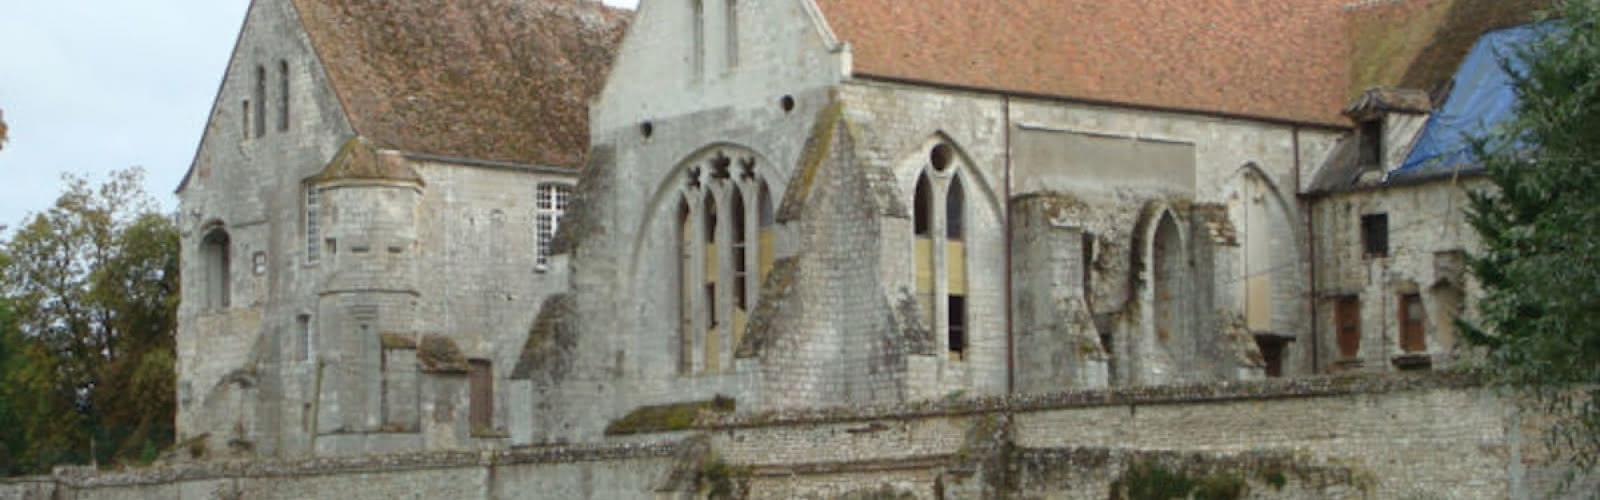 Les abbayes cisterciennes médiévales : l'exemple normand